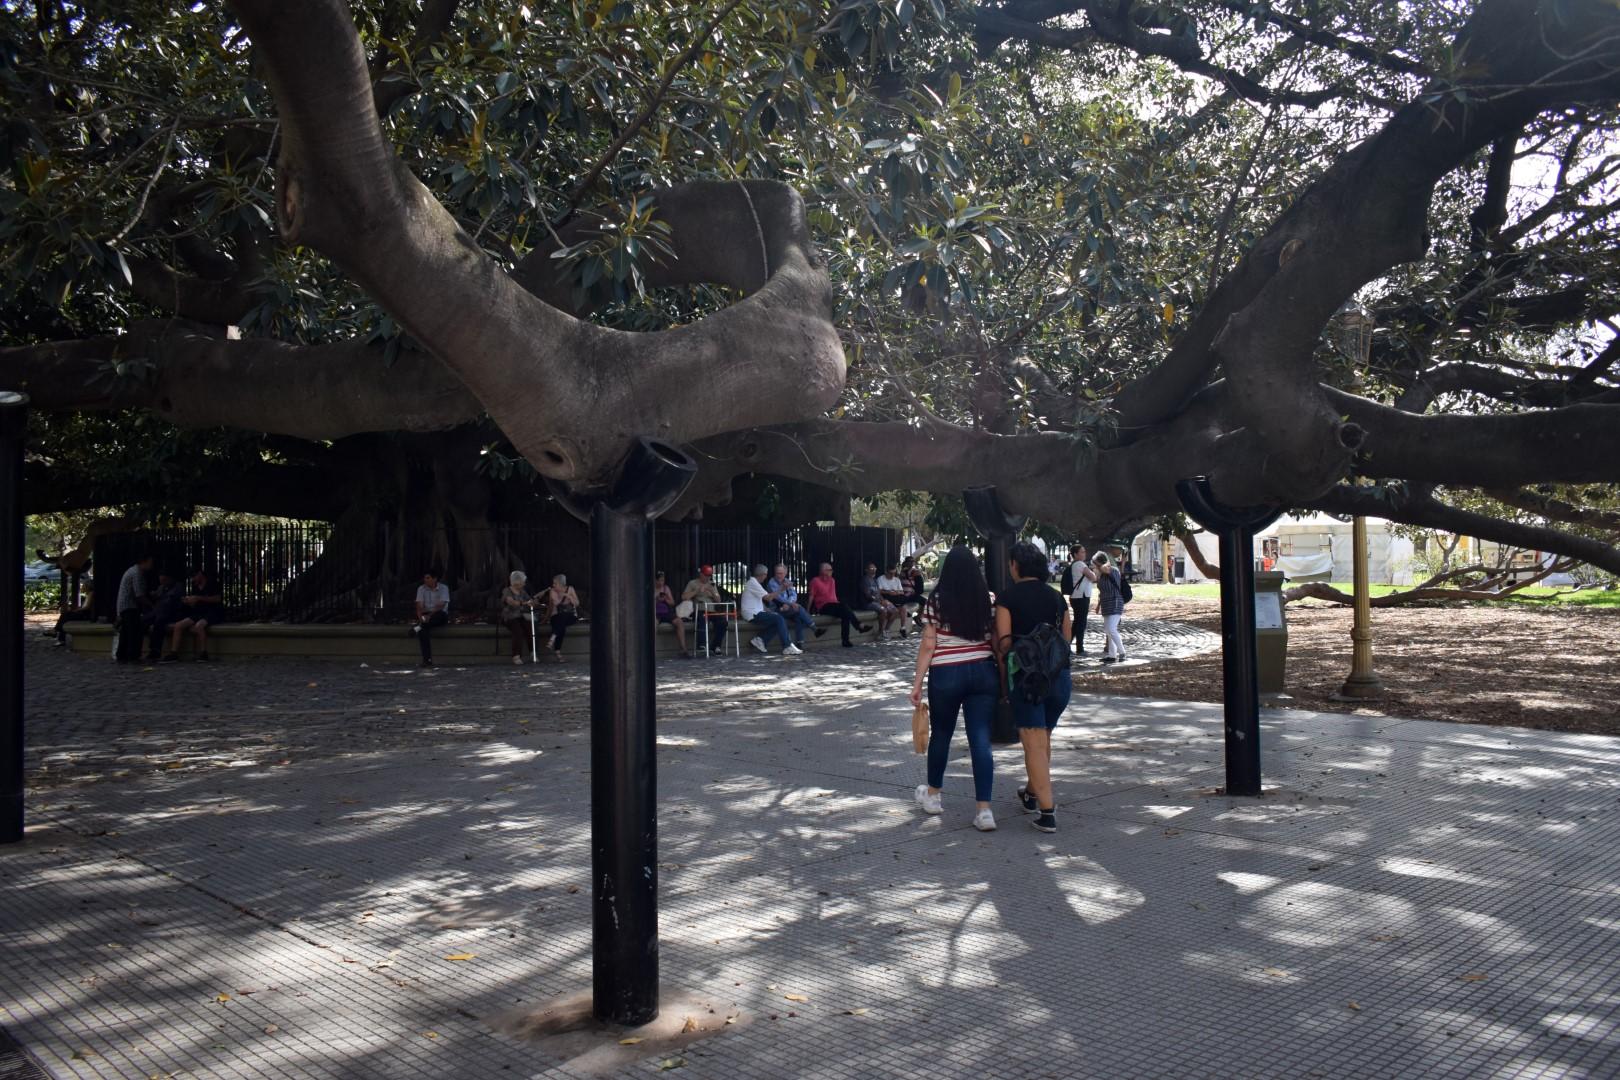 Plaza San Martín de Tours, Recoleta, Buenos Aires